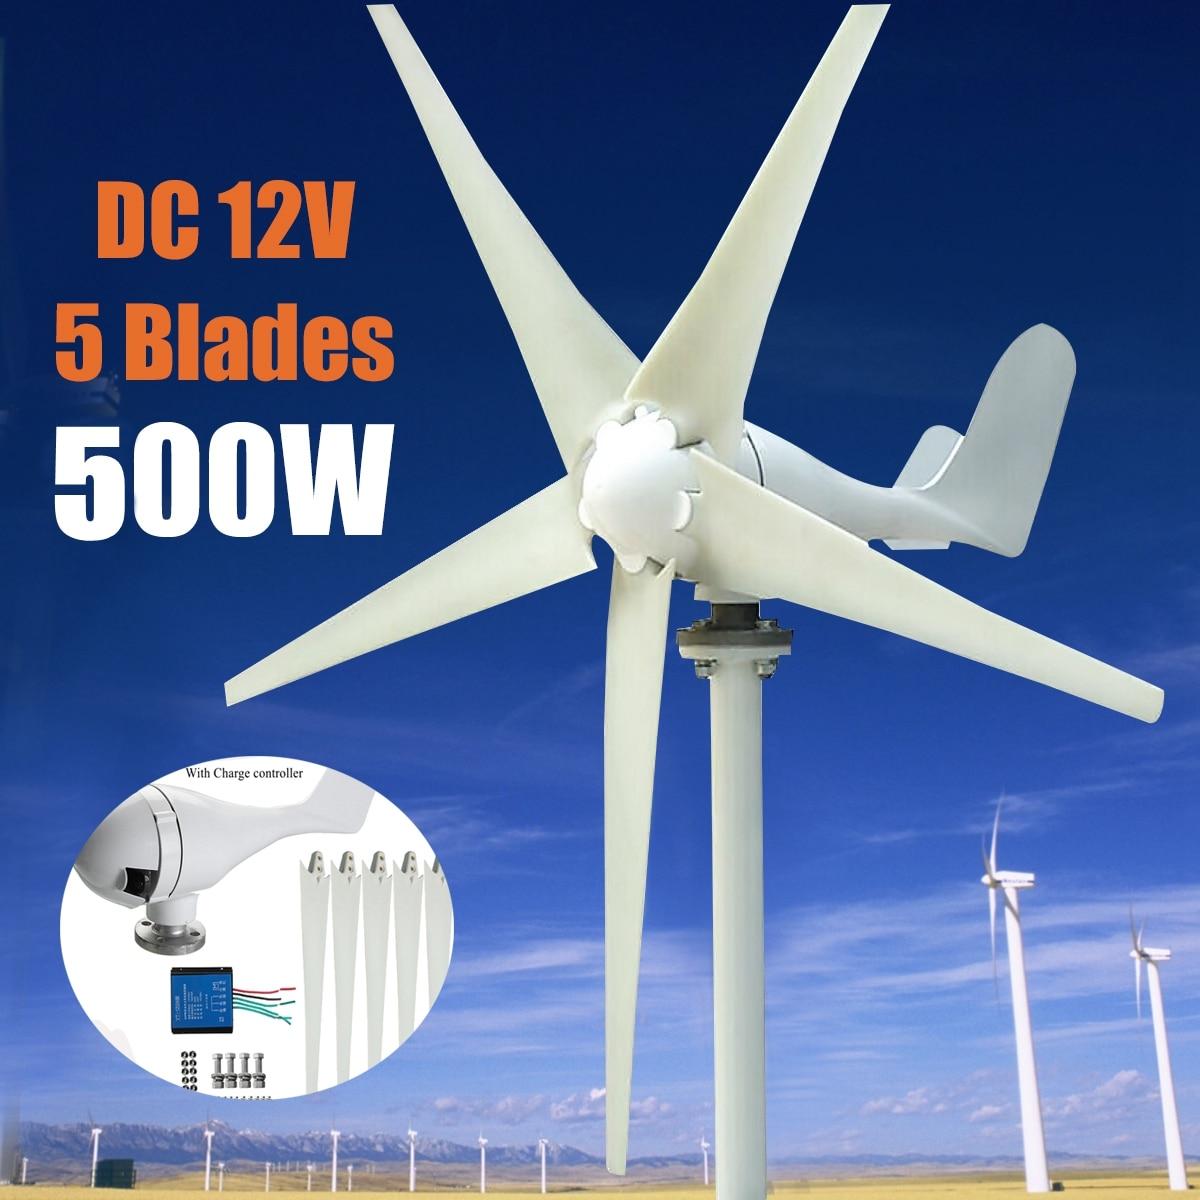 Max 600 Вт ветряной генератор DC 12 В/24 В 5 Blade Питание с контроллером заряда для дома гибридный фонаря использования